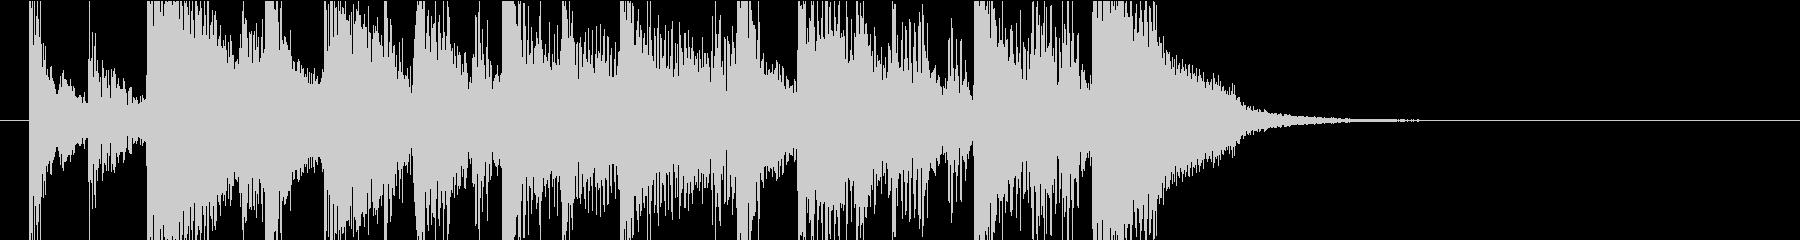 9秒・アコギとピアノの爽やかジングルの未再生の波形